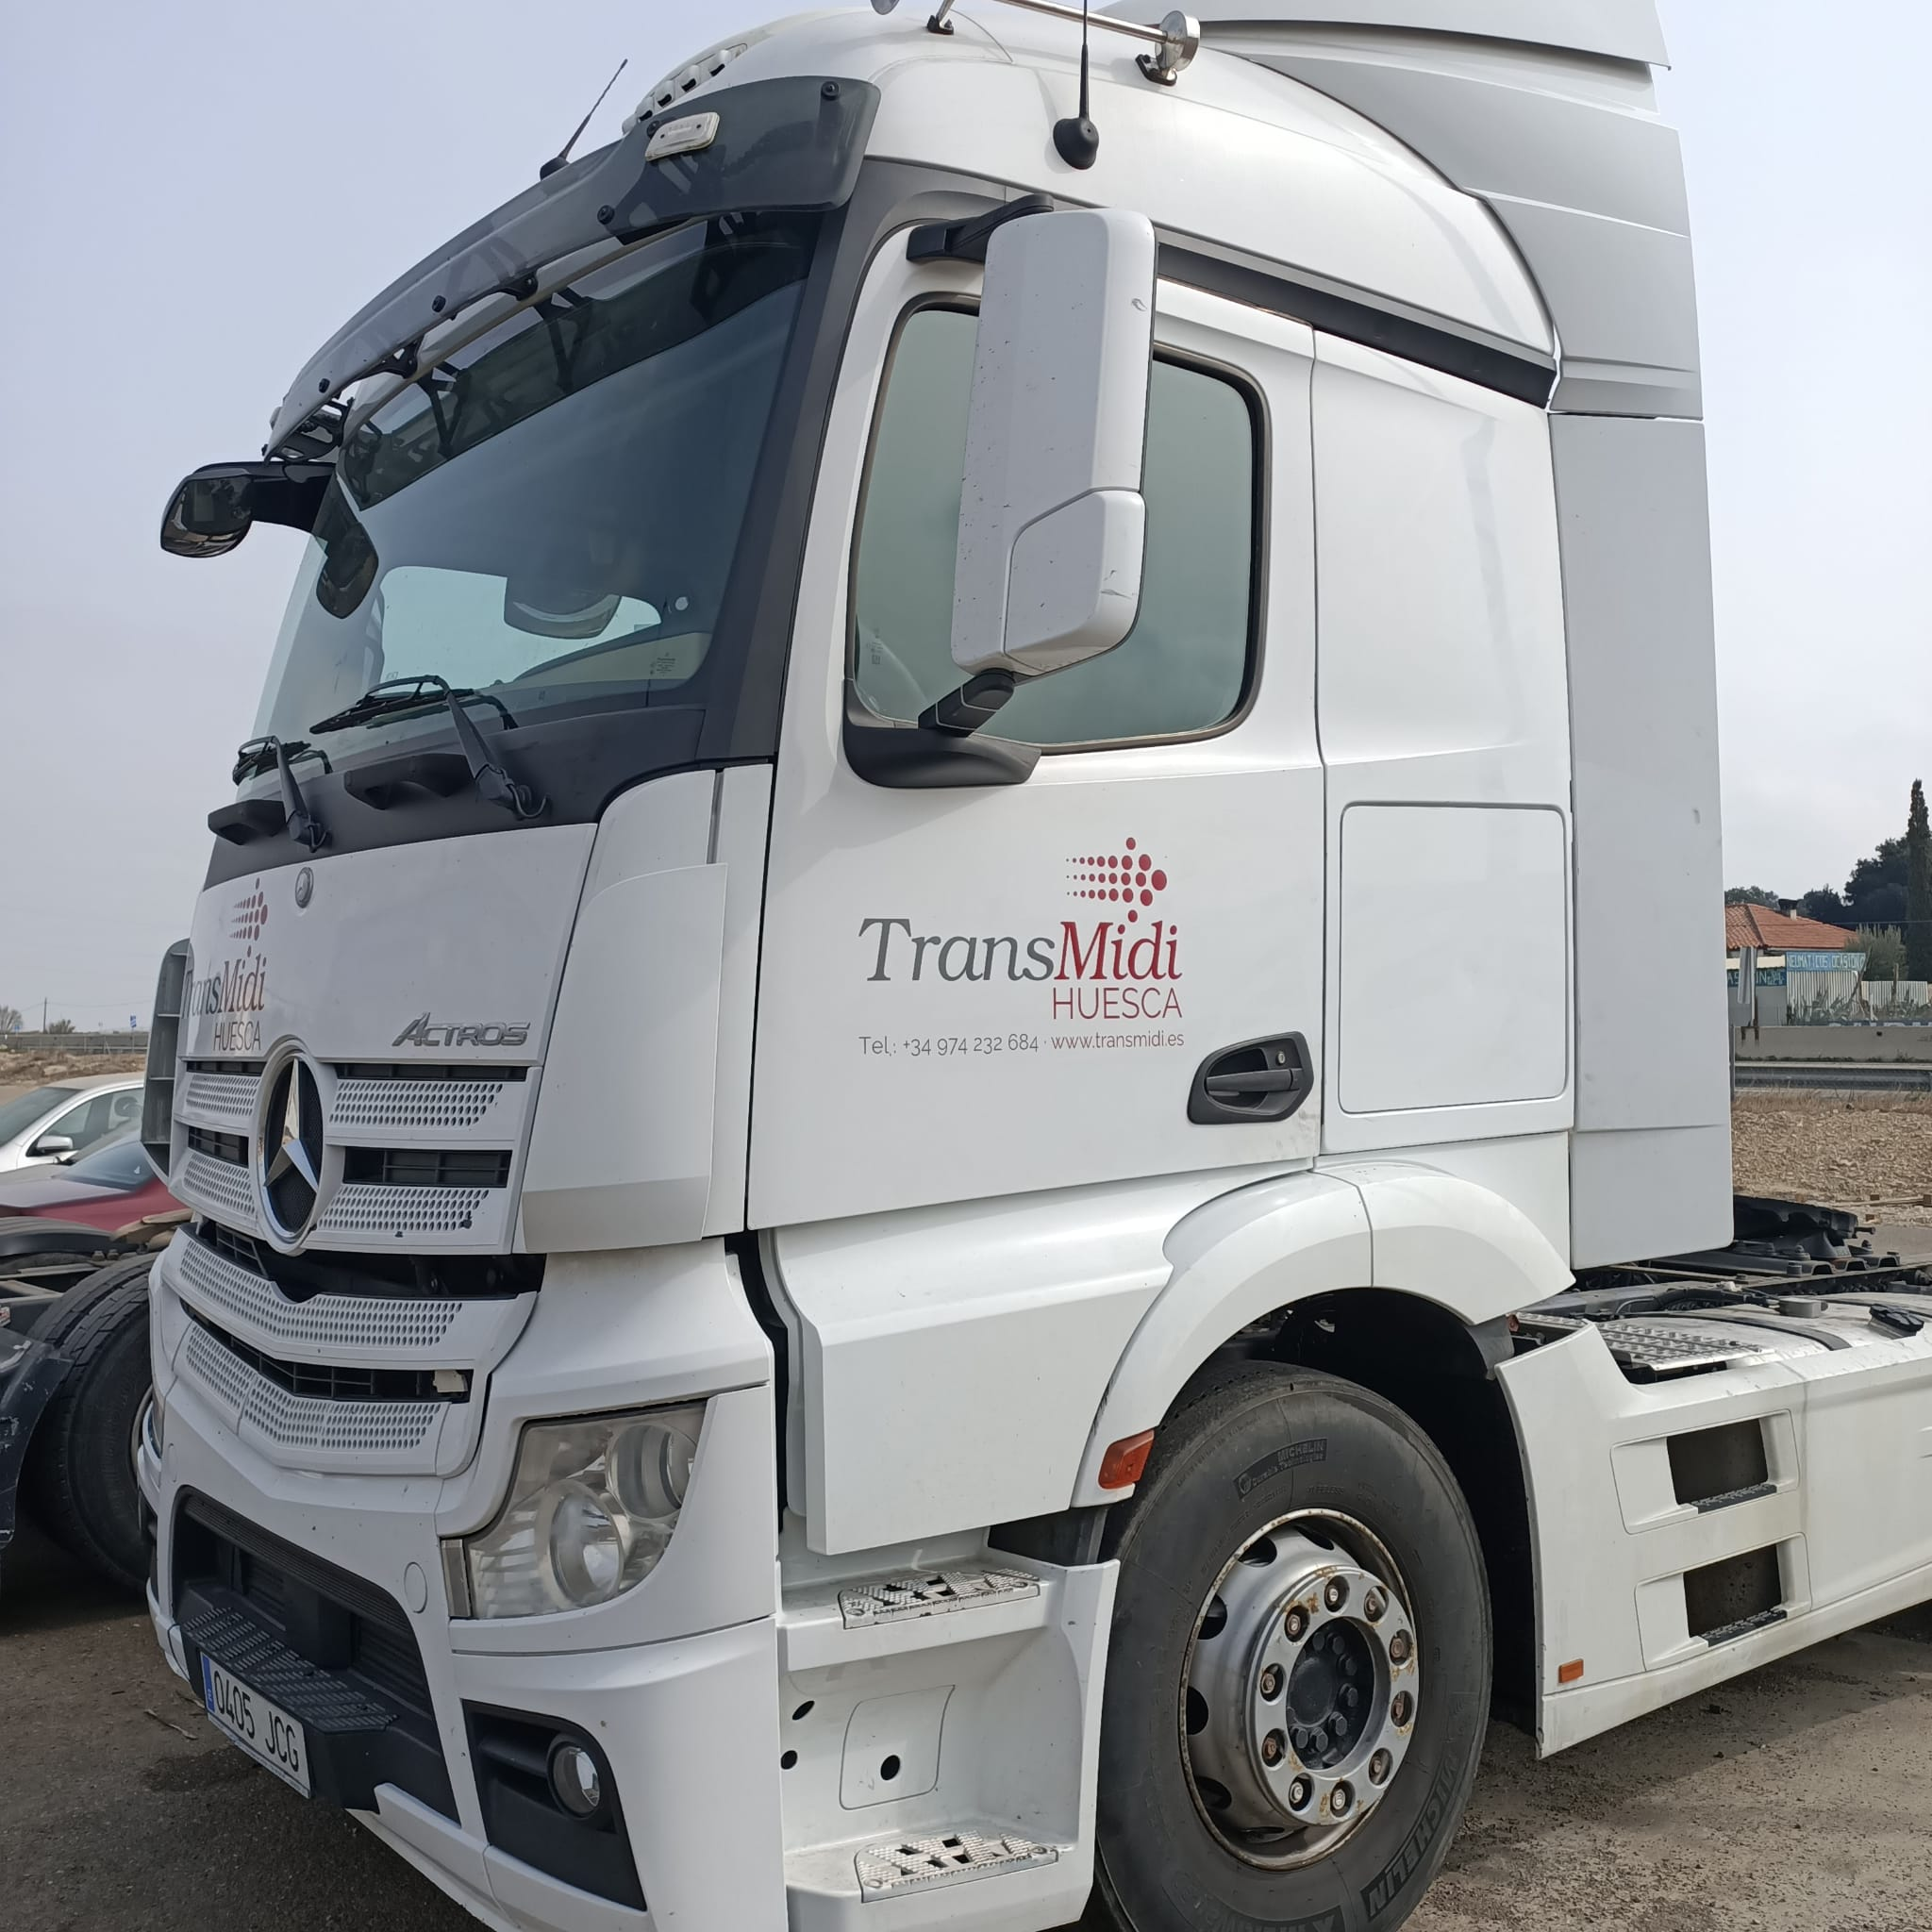 Rotulación tractora Transmidi